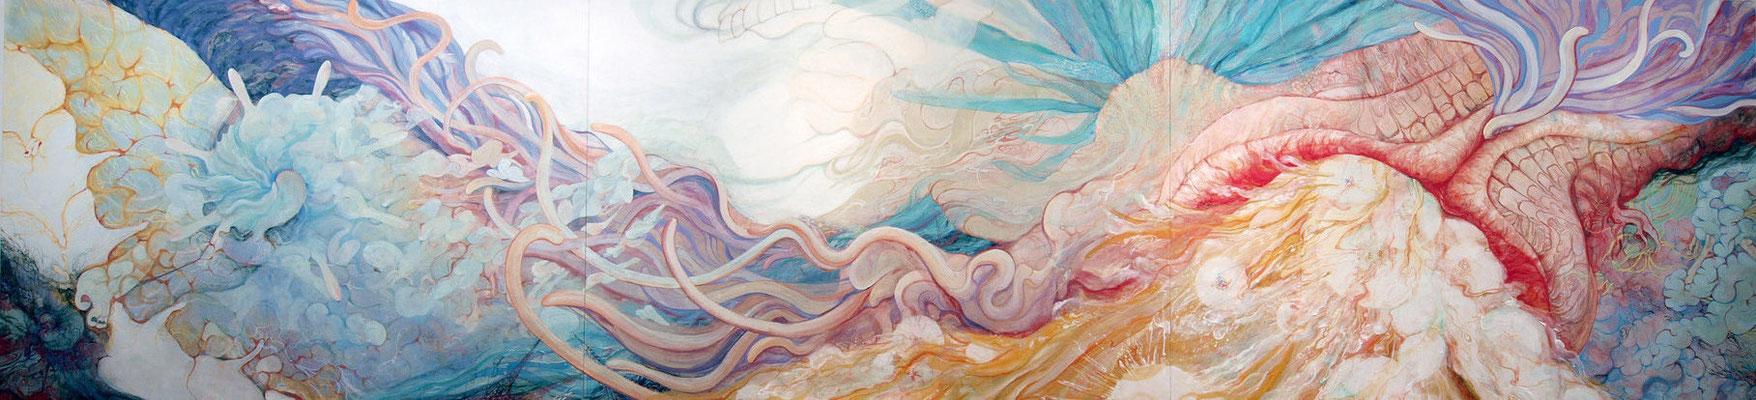 [潮騒は産声を呼ぶ]    160cm×690cm   麻紙に岩絵具                                                                                                                                        [The calling cry of the sea]     Pure pigment on Japanese Paper